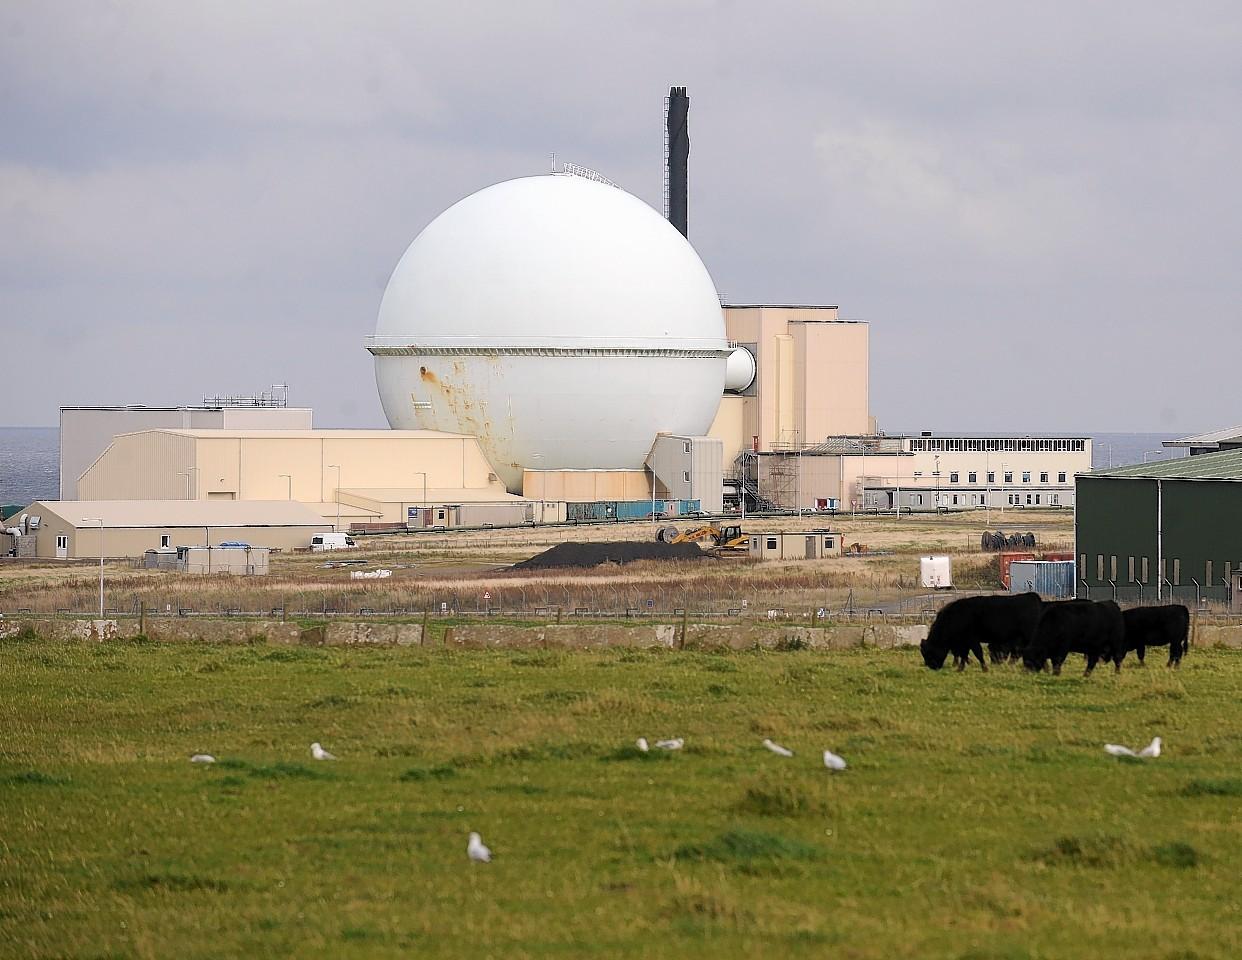 The Dounreay nuclear facility